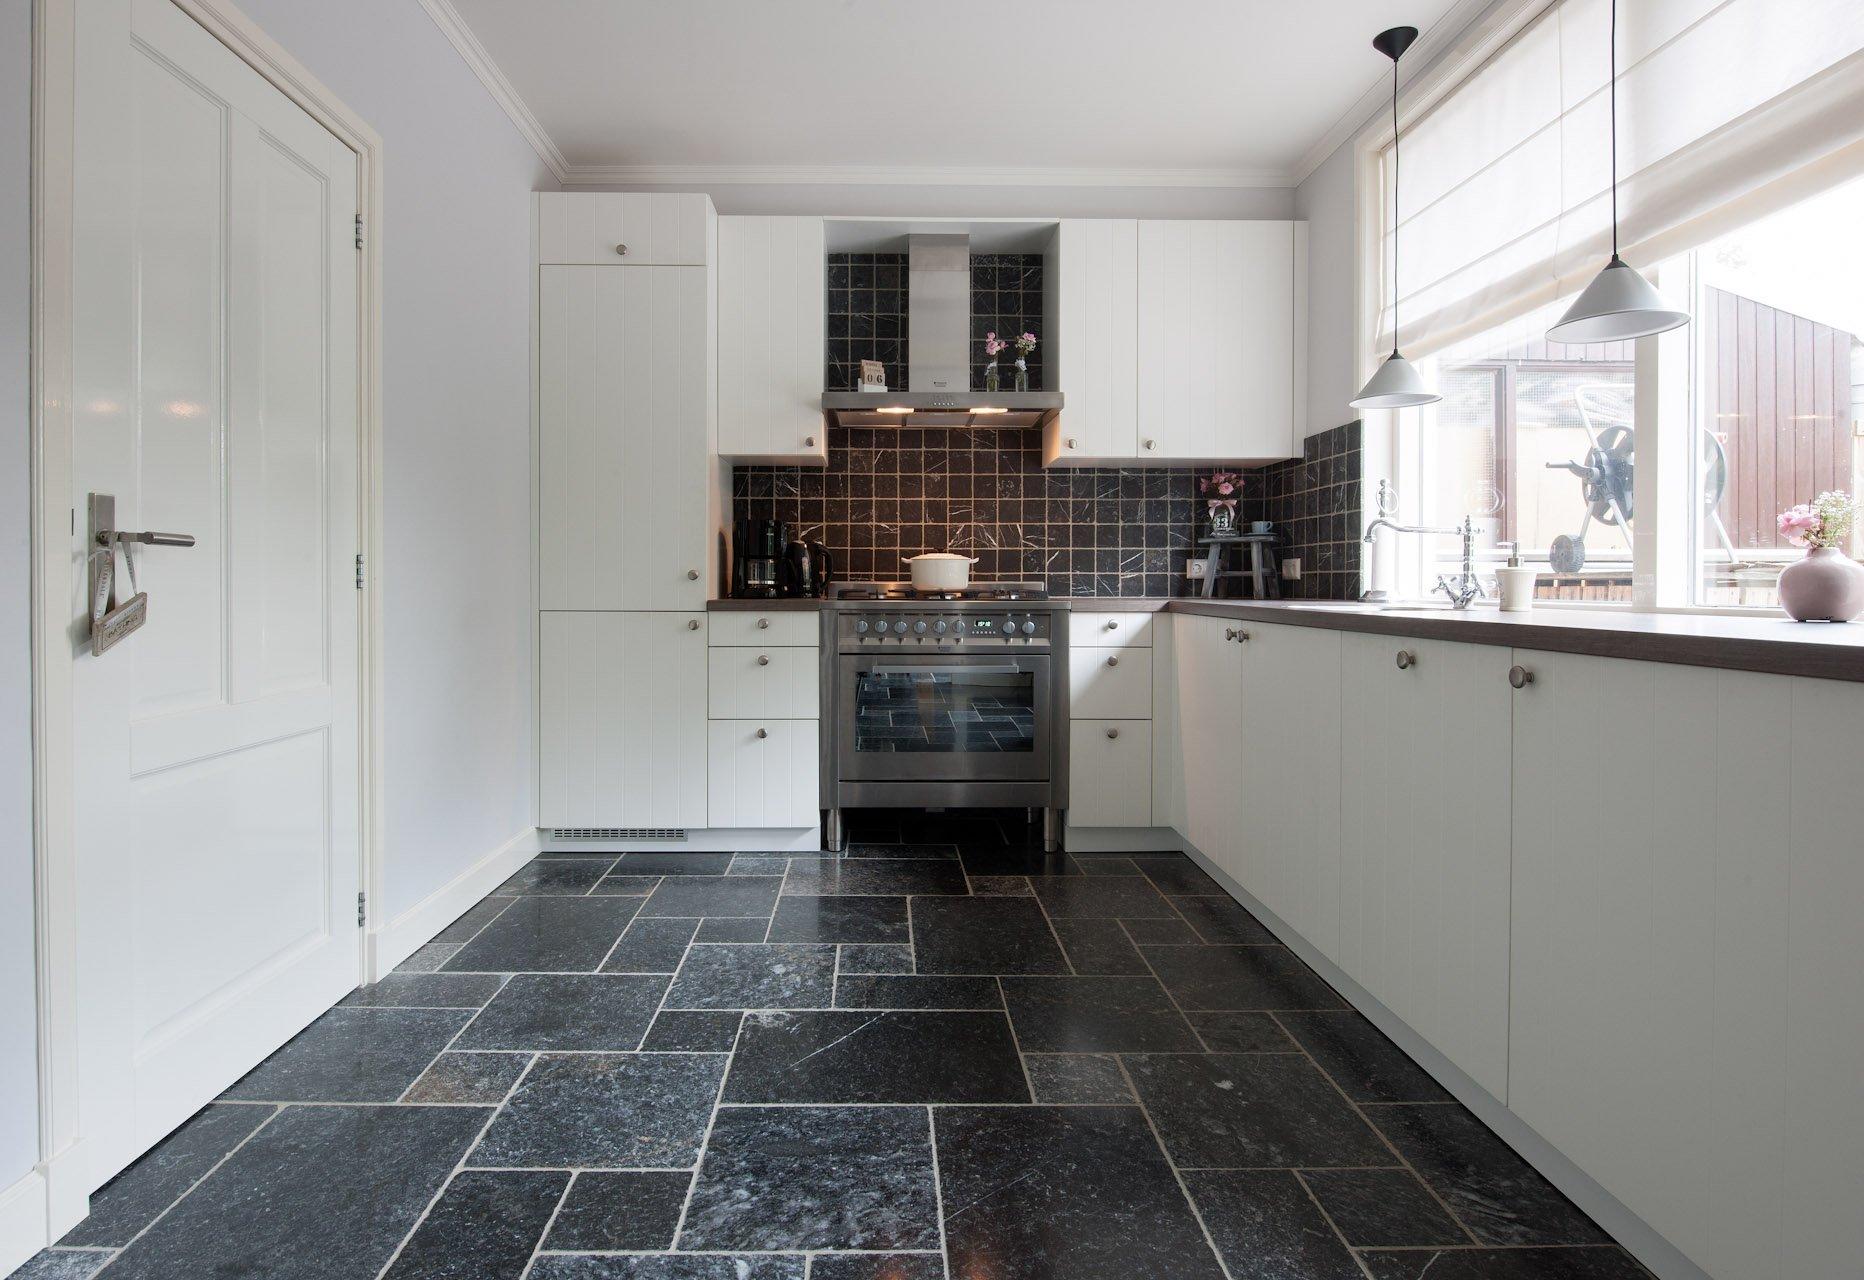 Keuken Badkamer Vloeren : Tegelvloeren kroon vloeren in steen